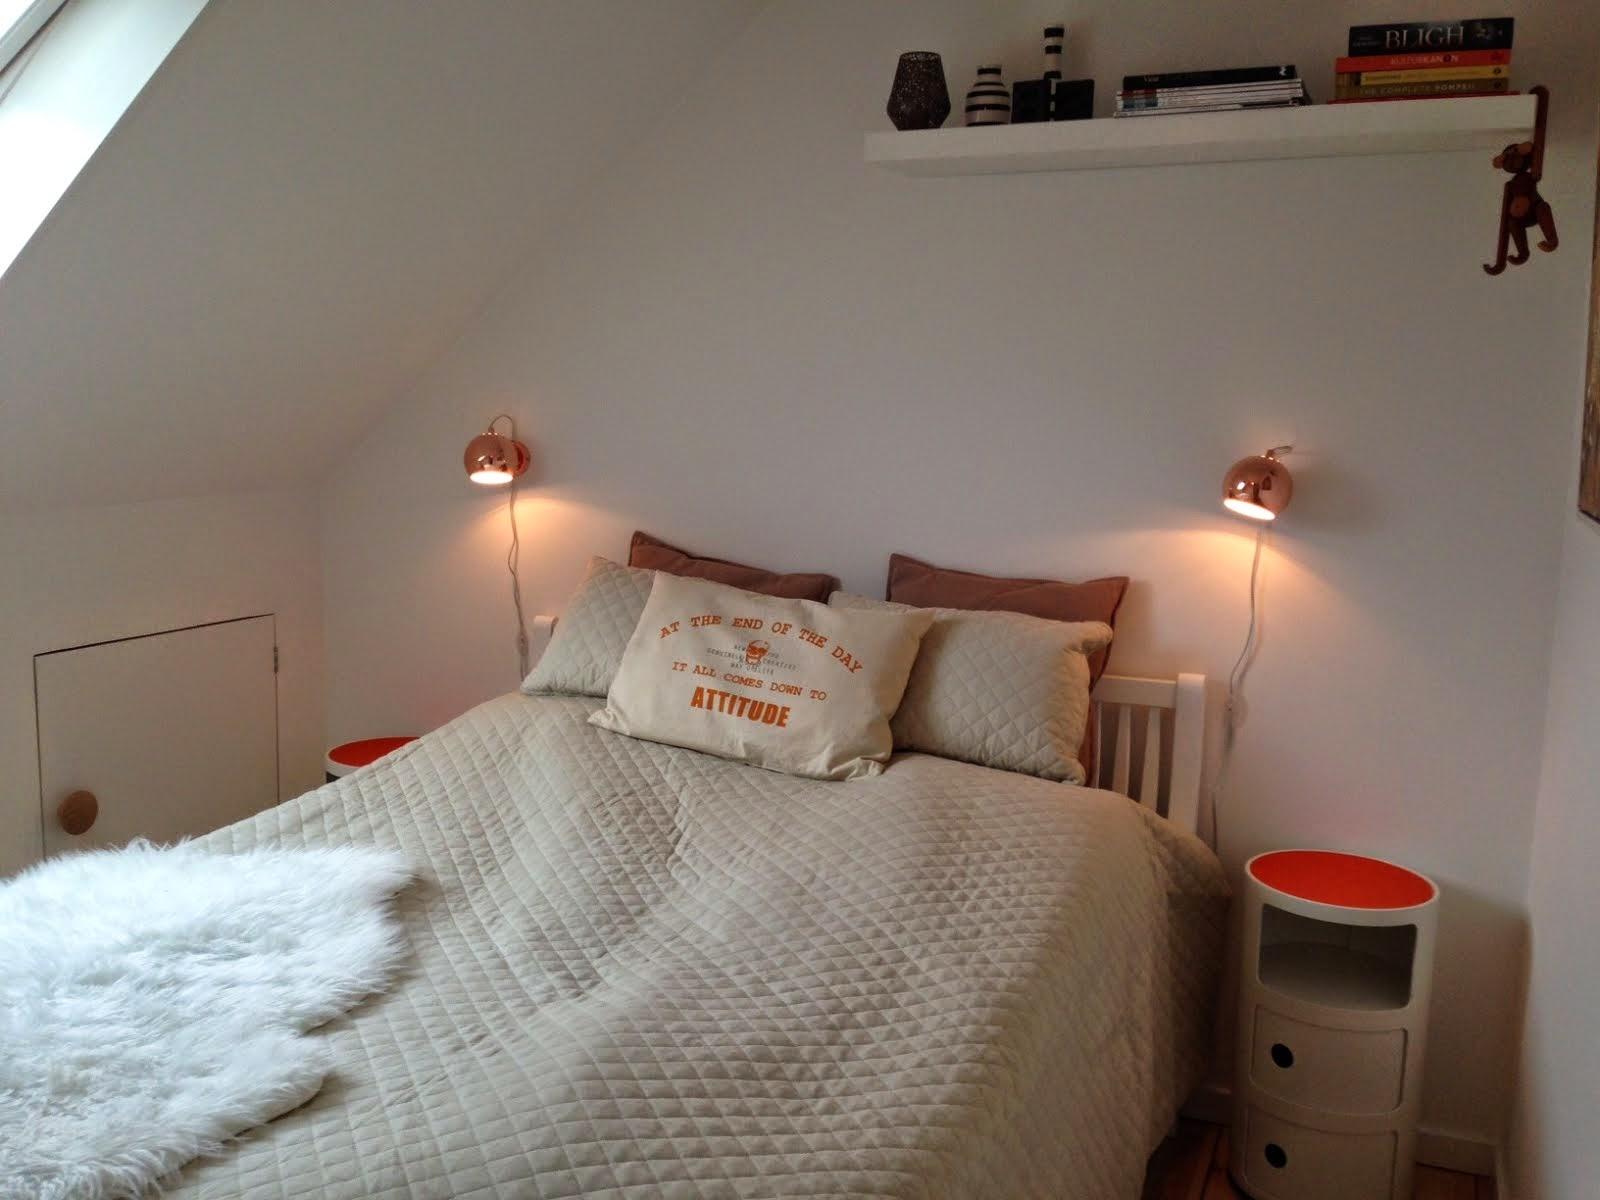 Johansens journaler: soveværelset er færdigt